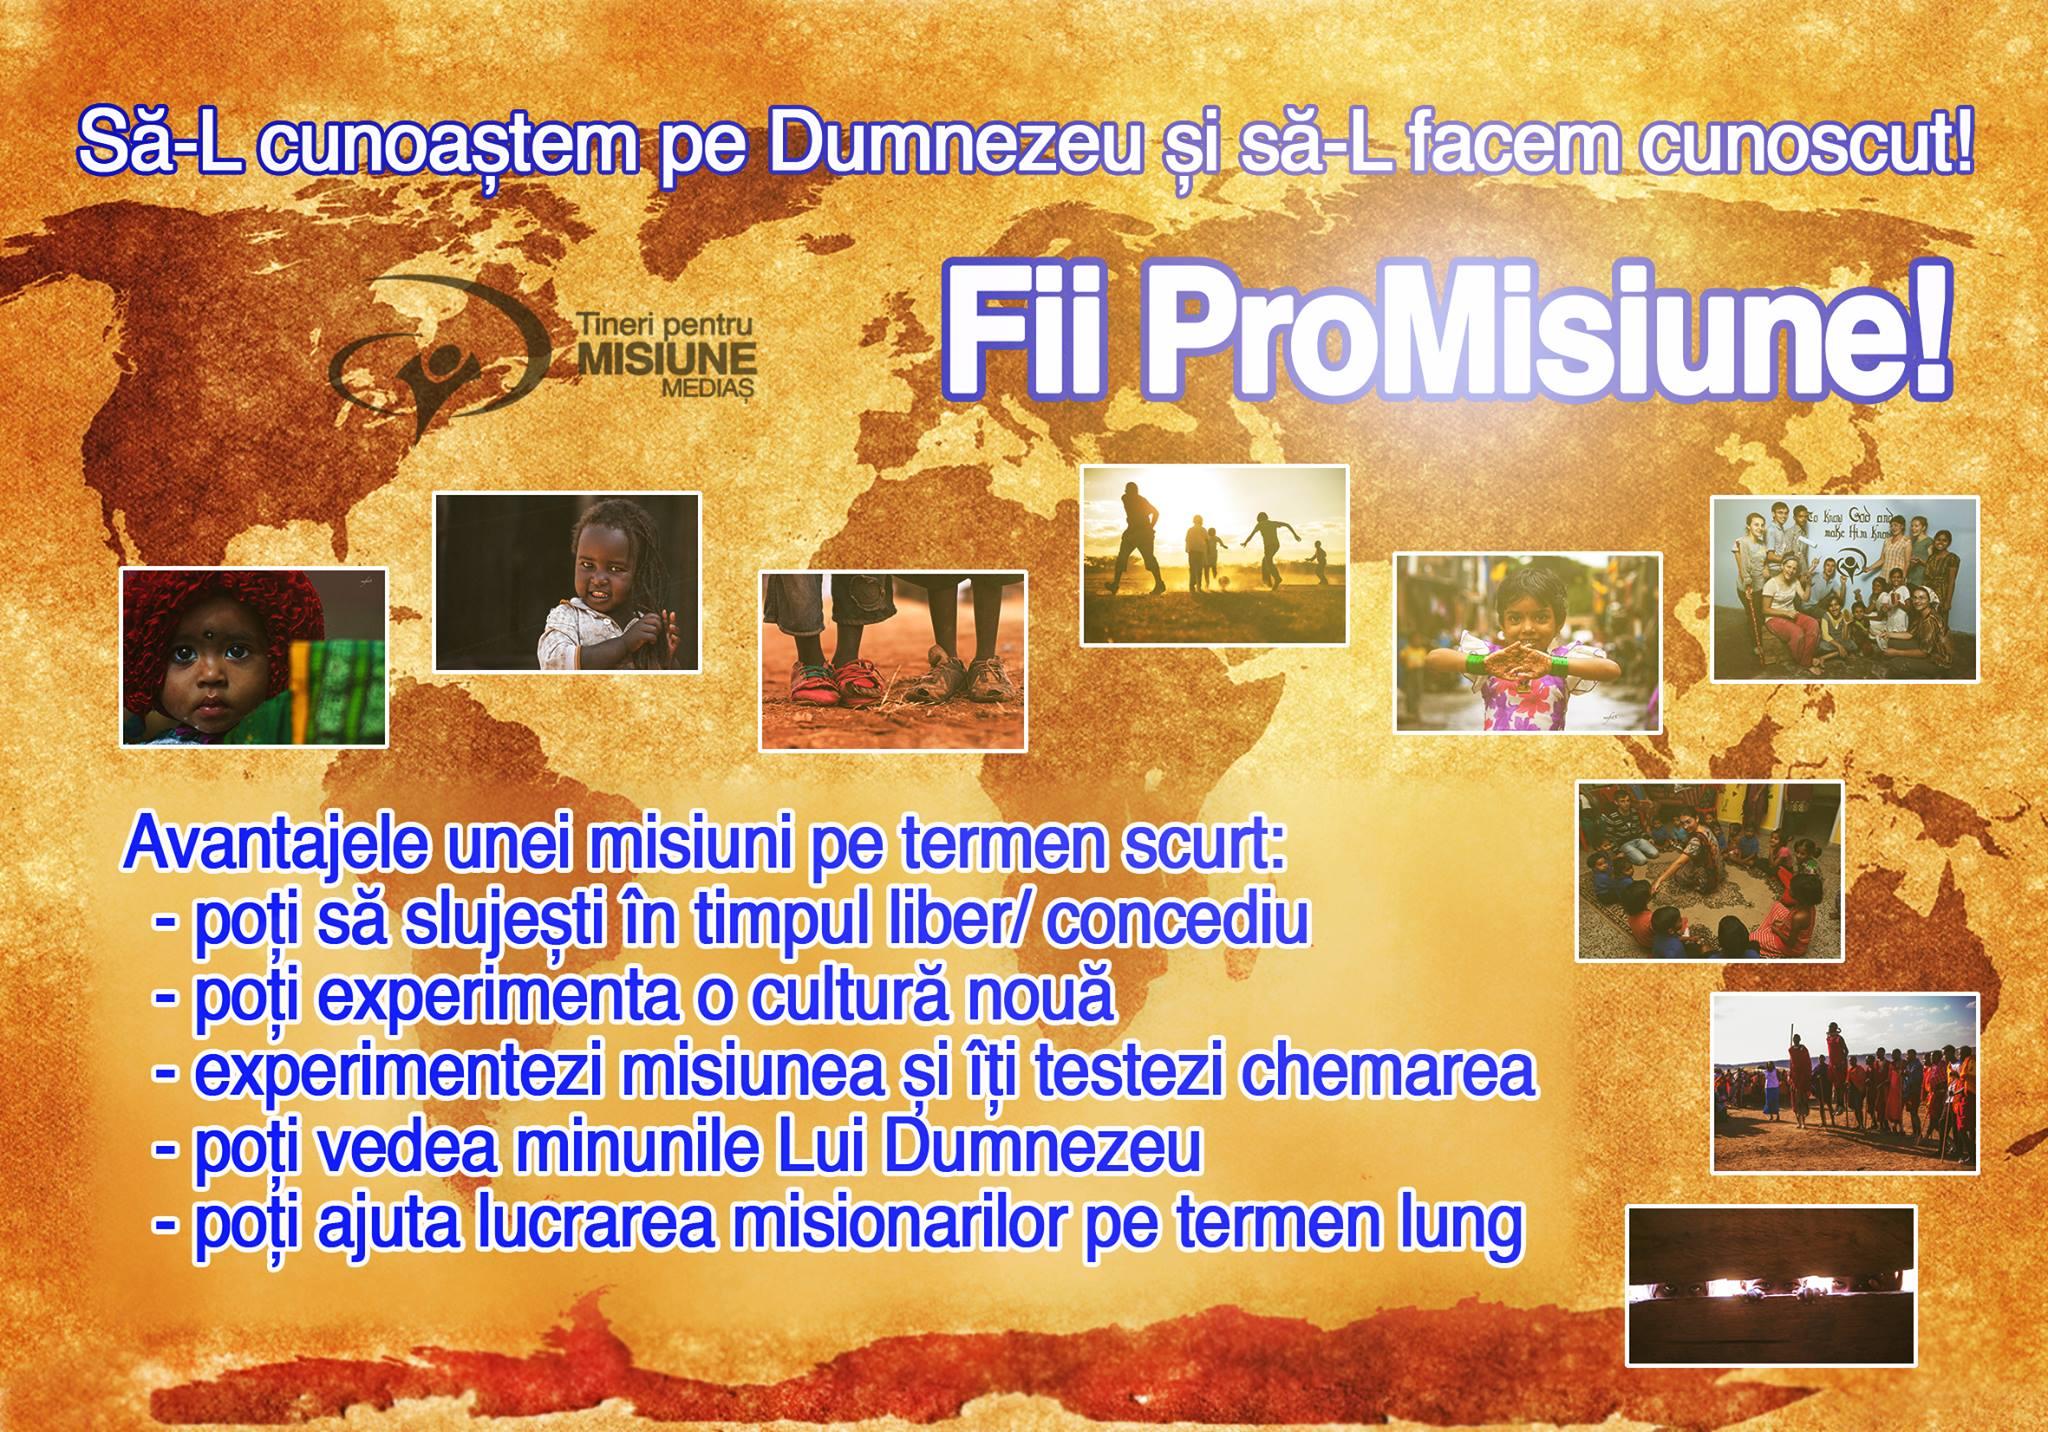 Festivalul-ProMisiune-2016